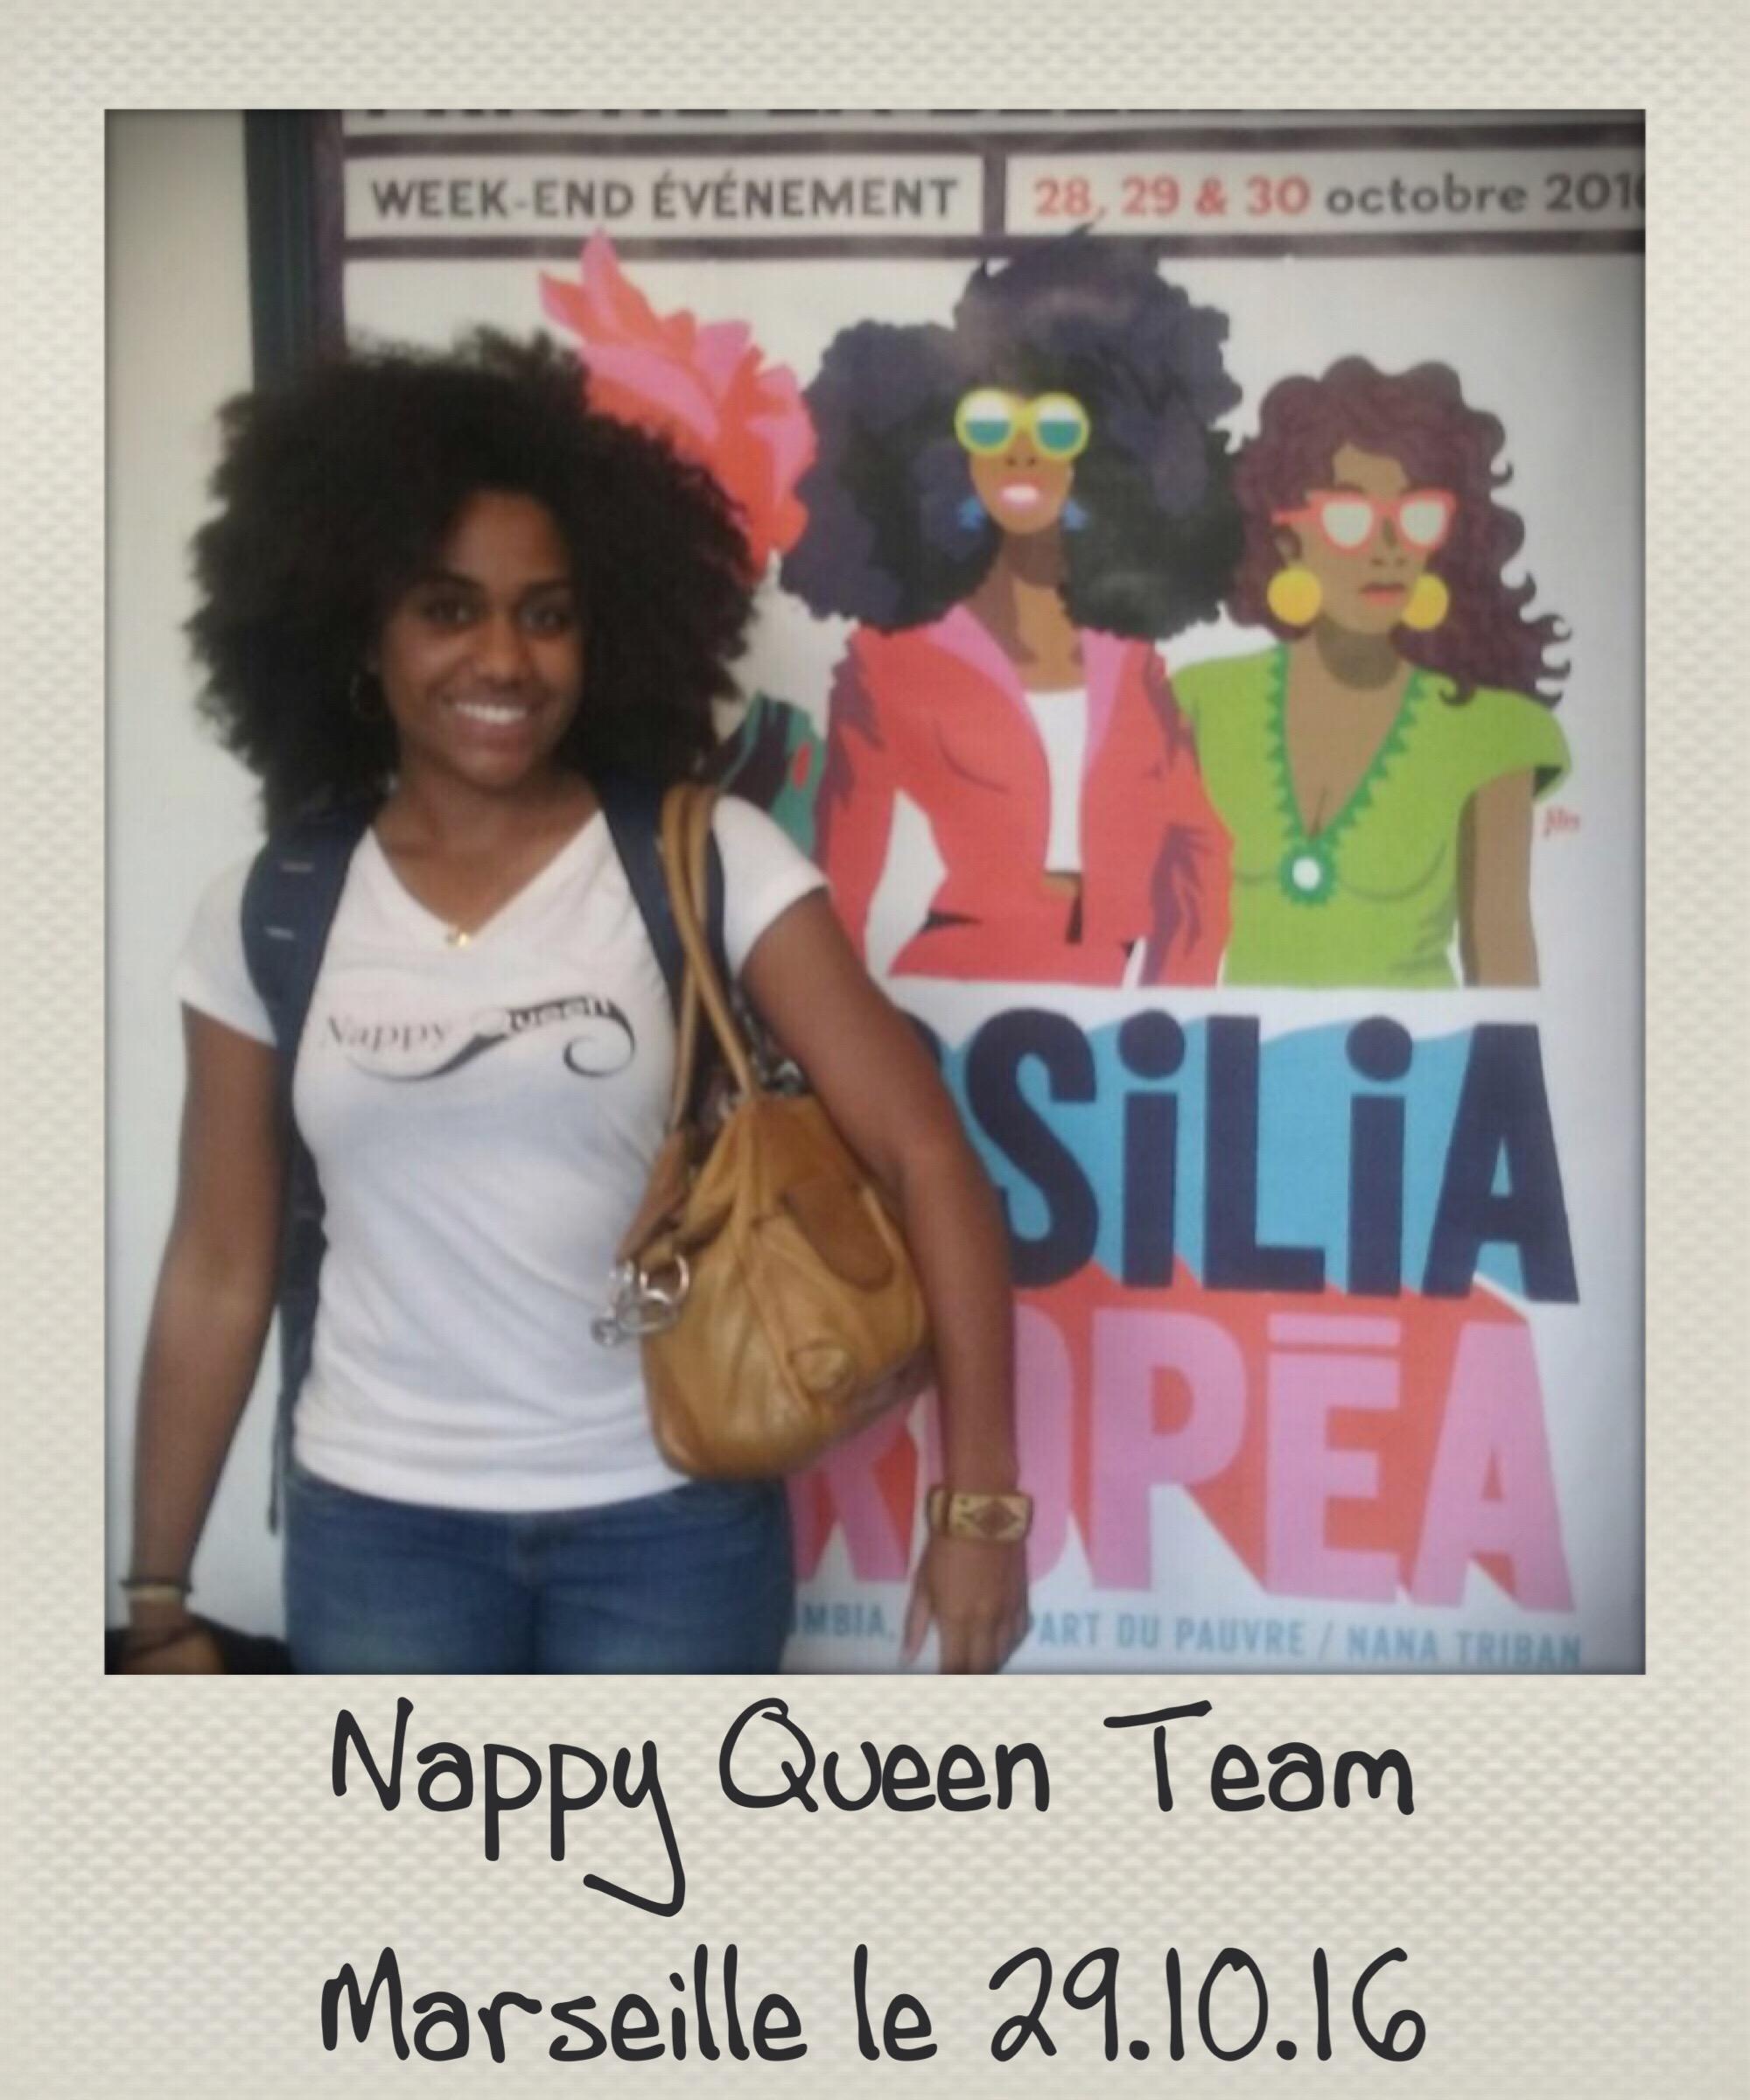 Nappy Queen Team en visite à Marseille